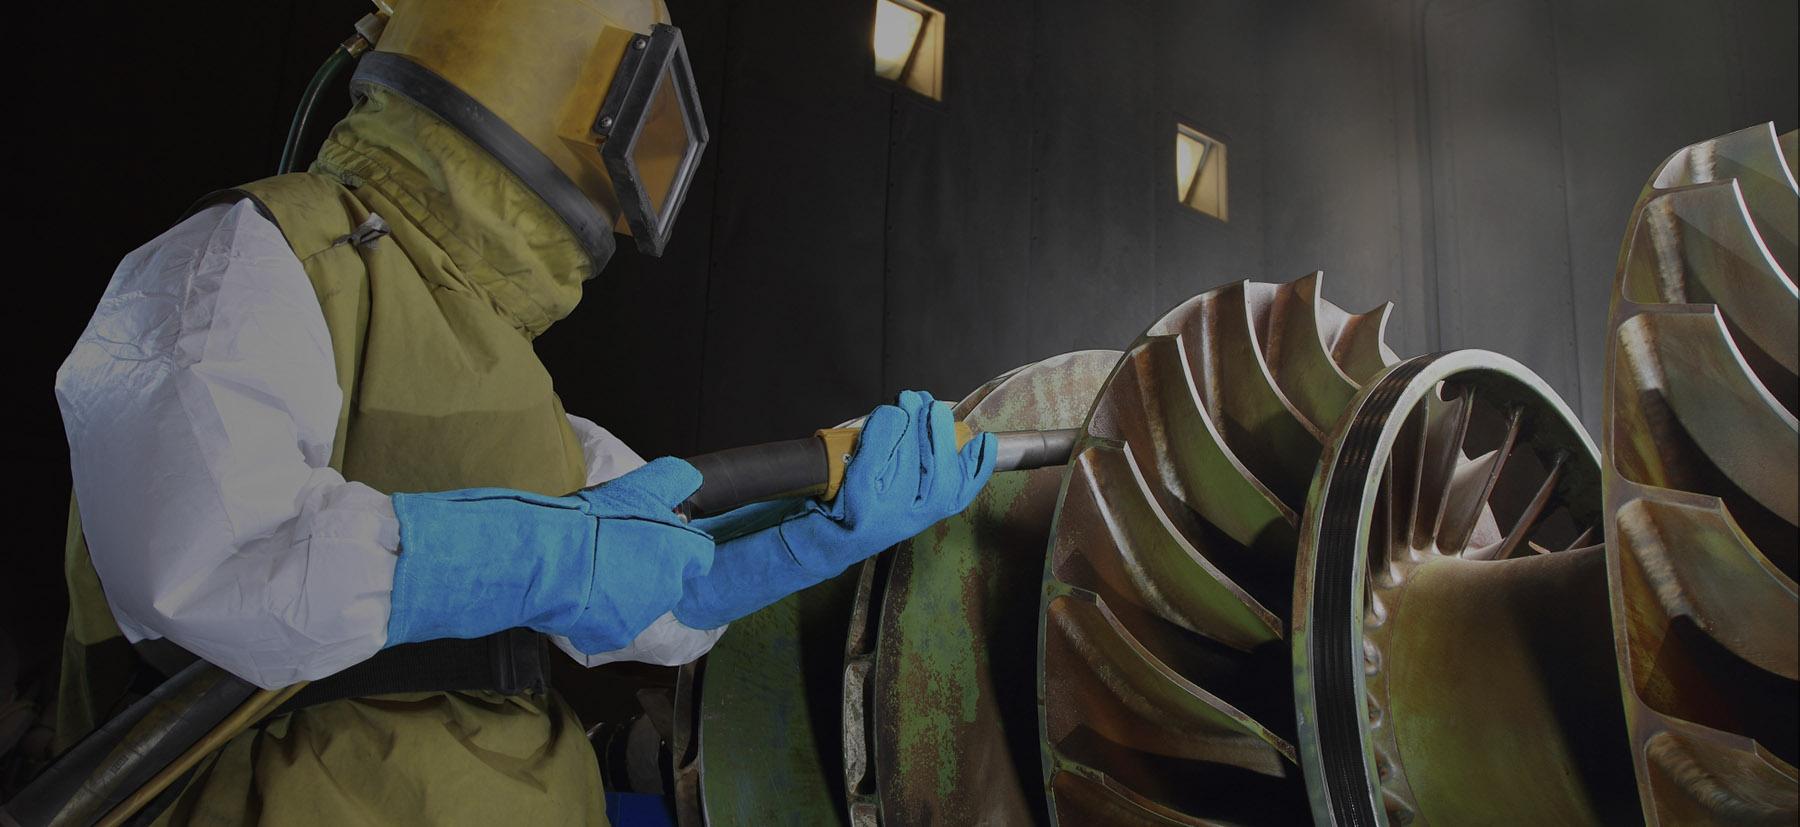 lakierowanie proszkowe, piaskowanie malowanie proszkowe warszawa